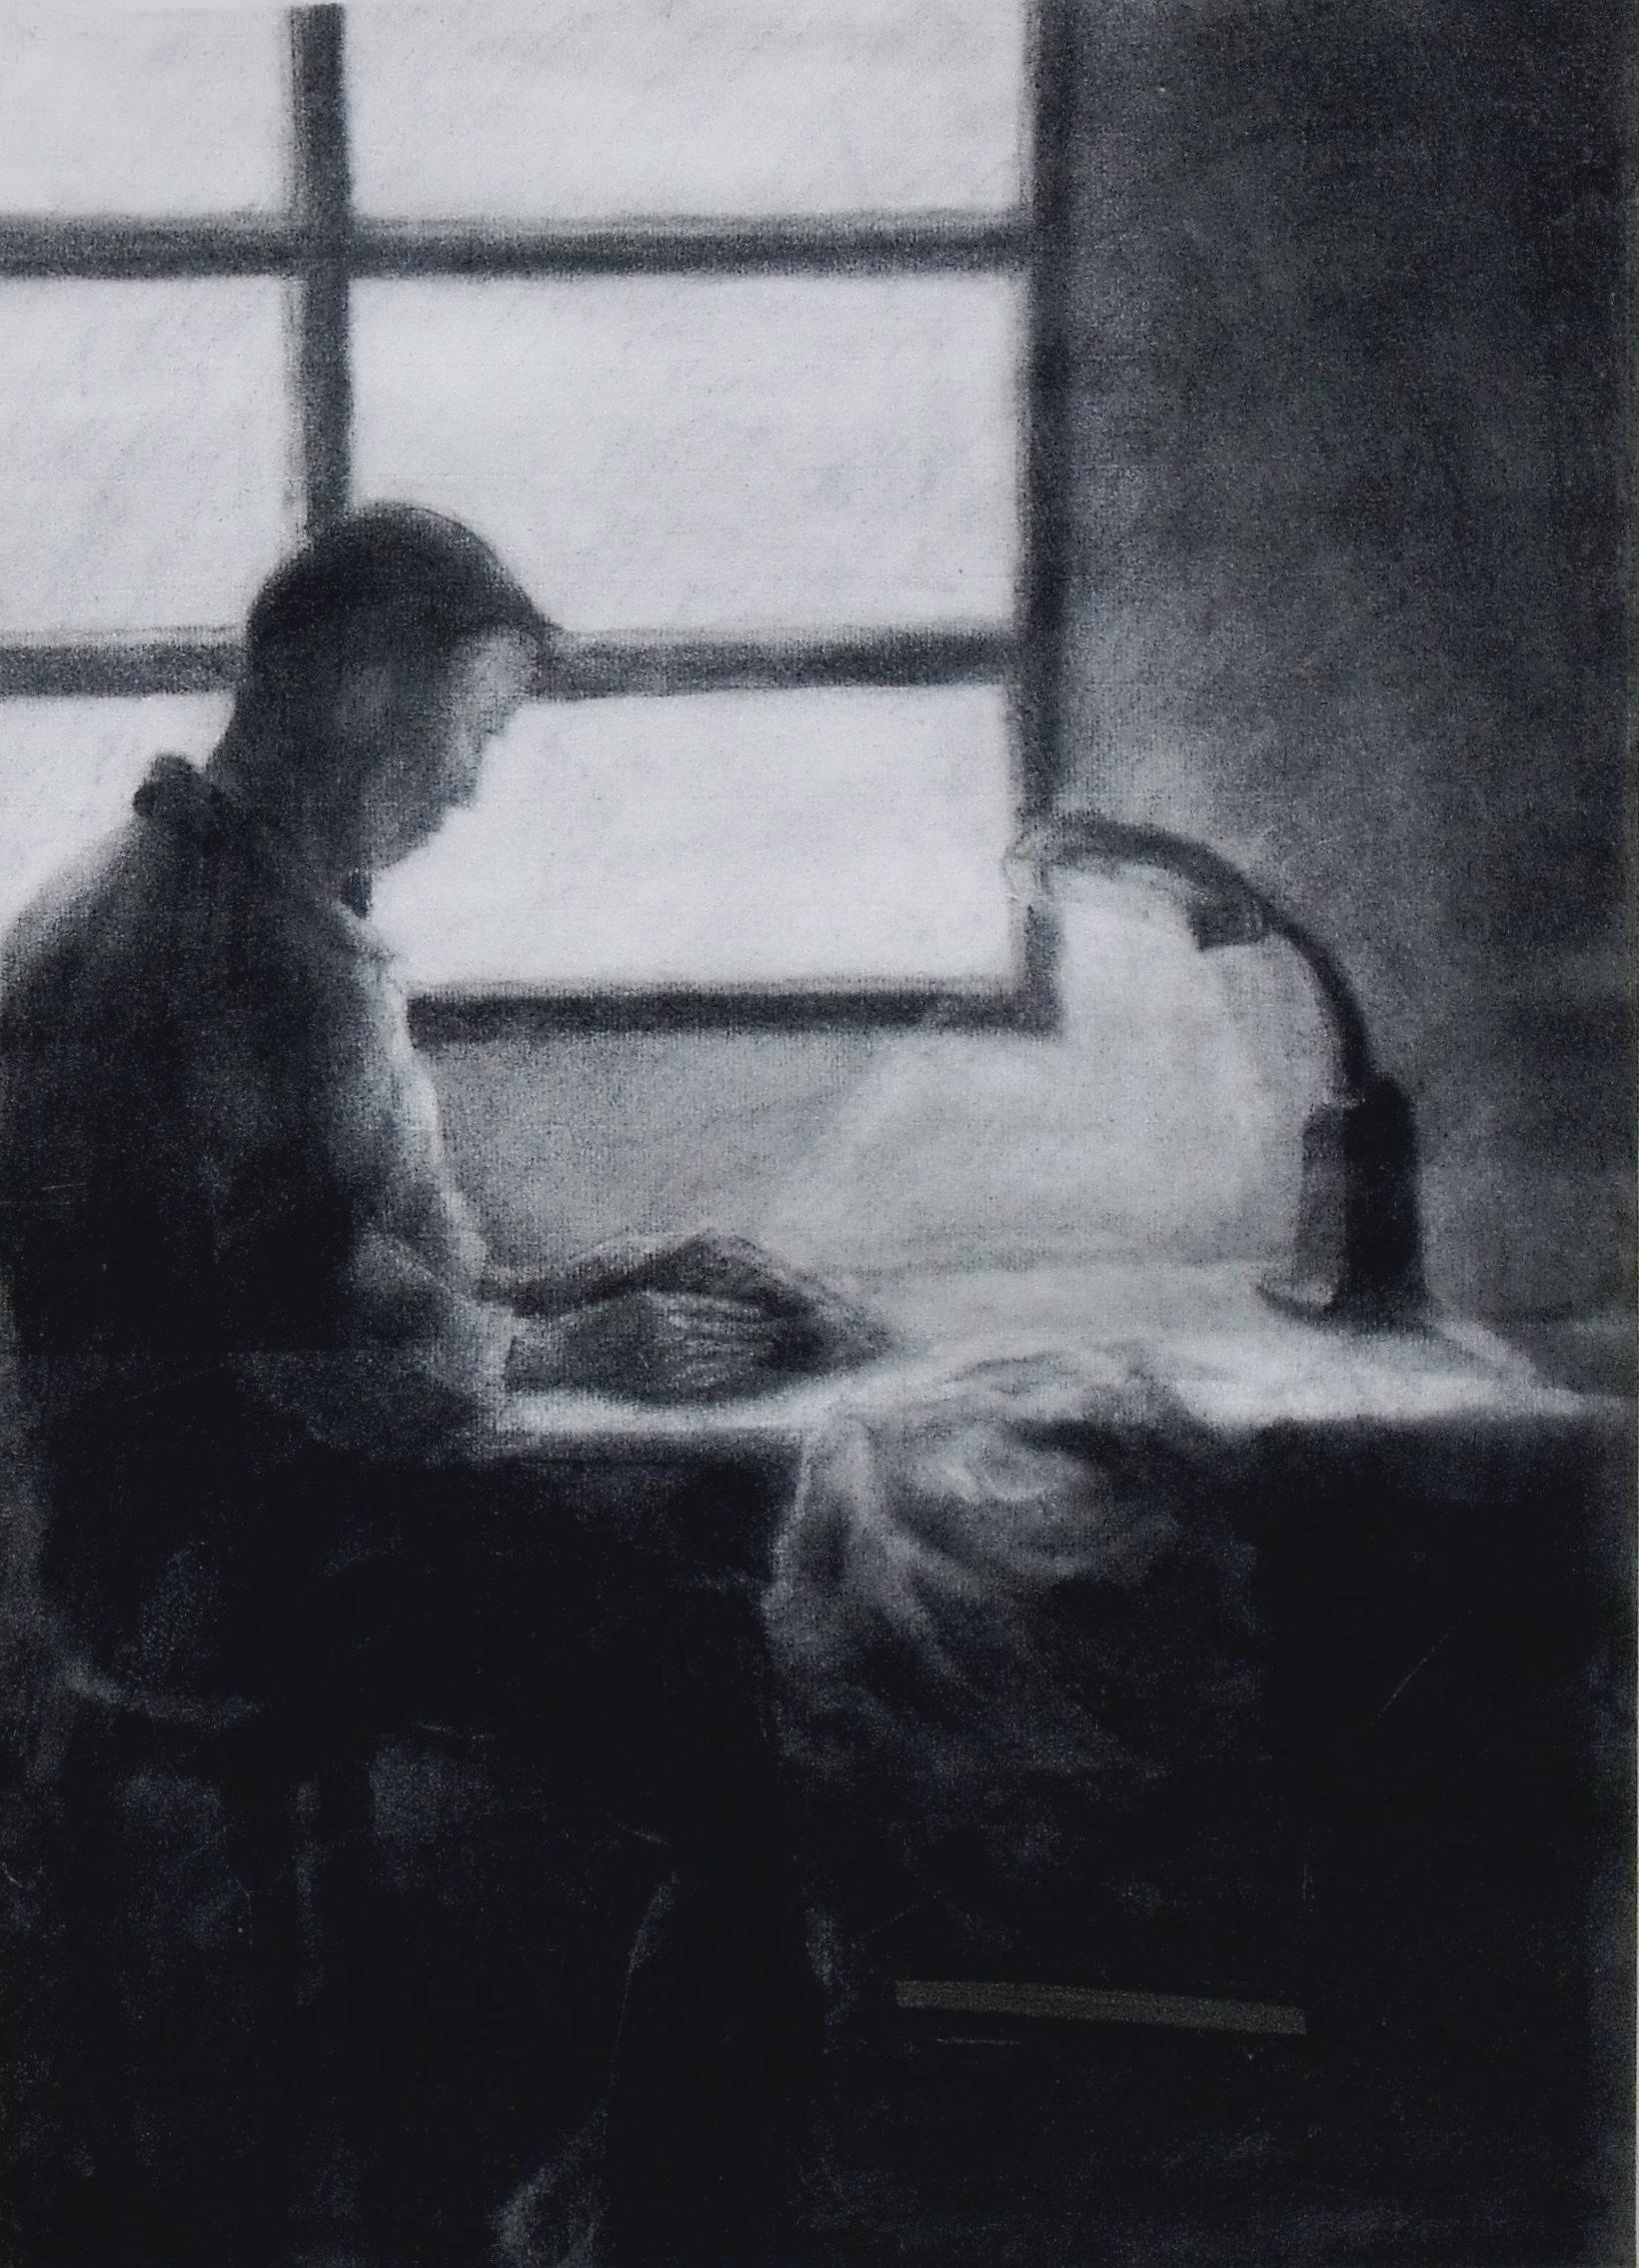 《專注》女兒許懷元作於台北 (由國立中興大學藝術中心典藏)